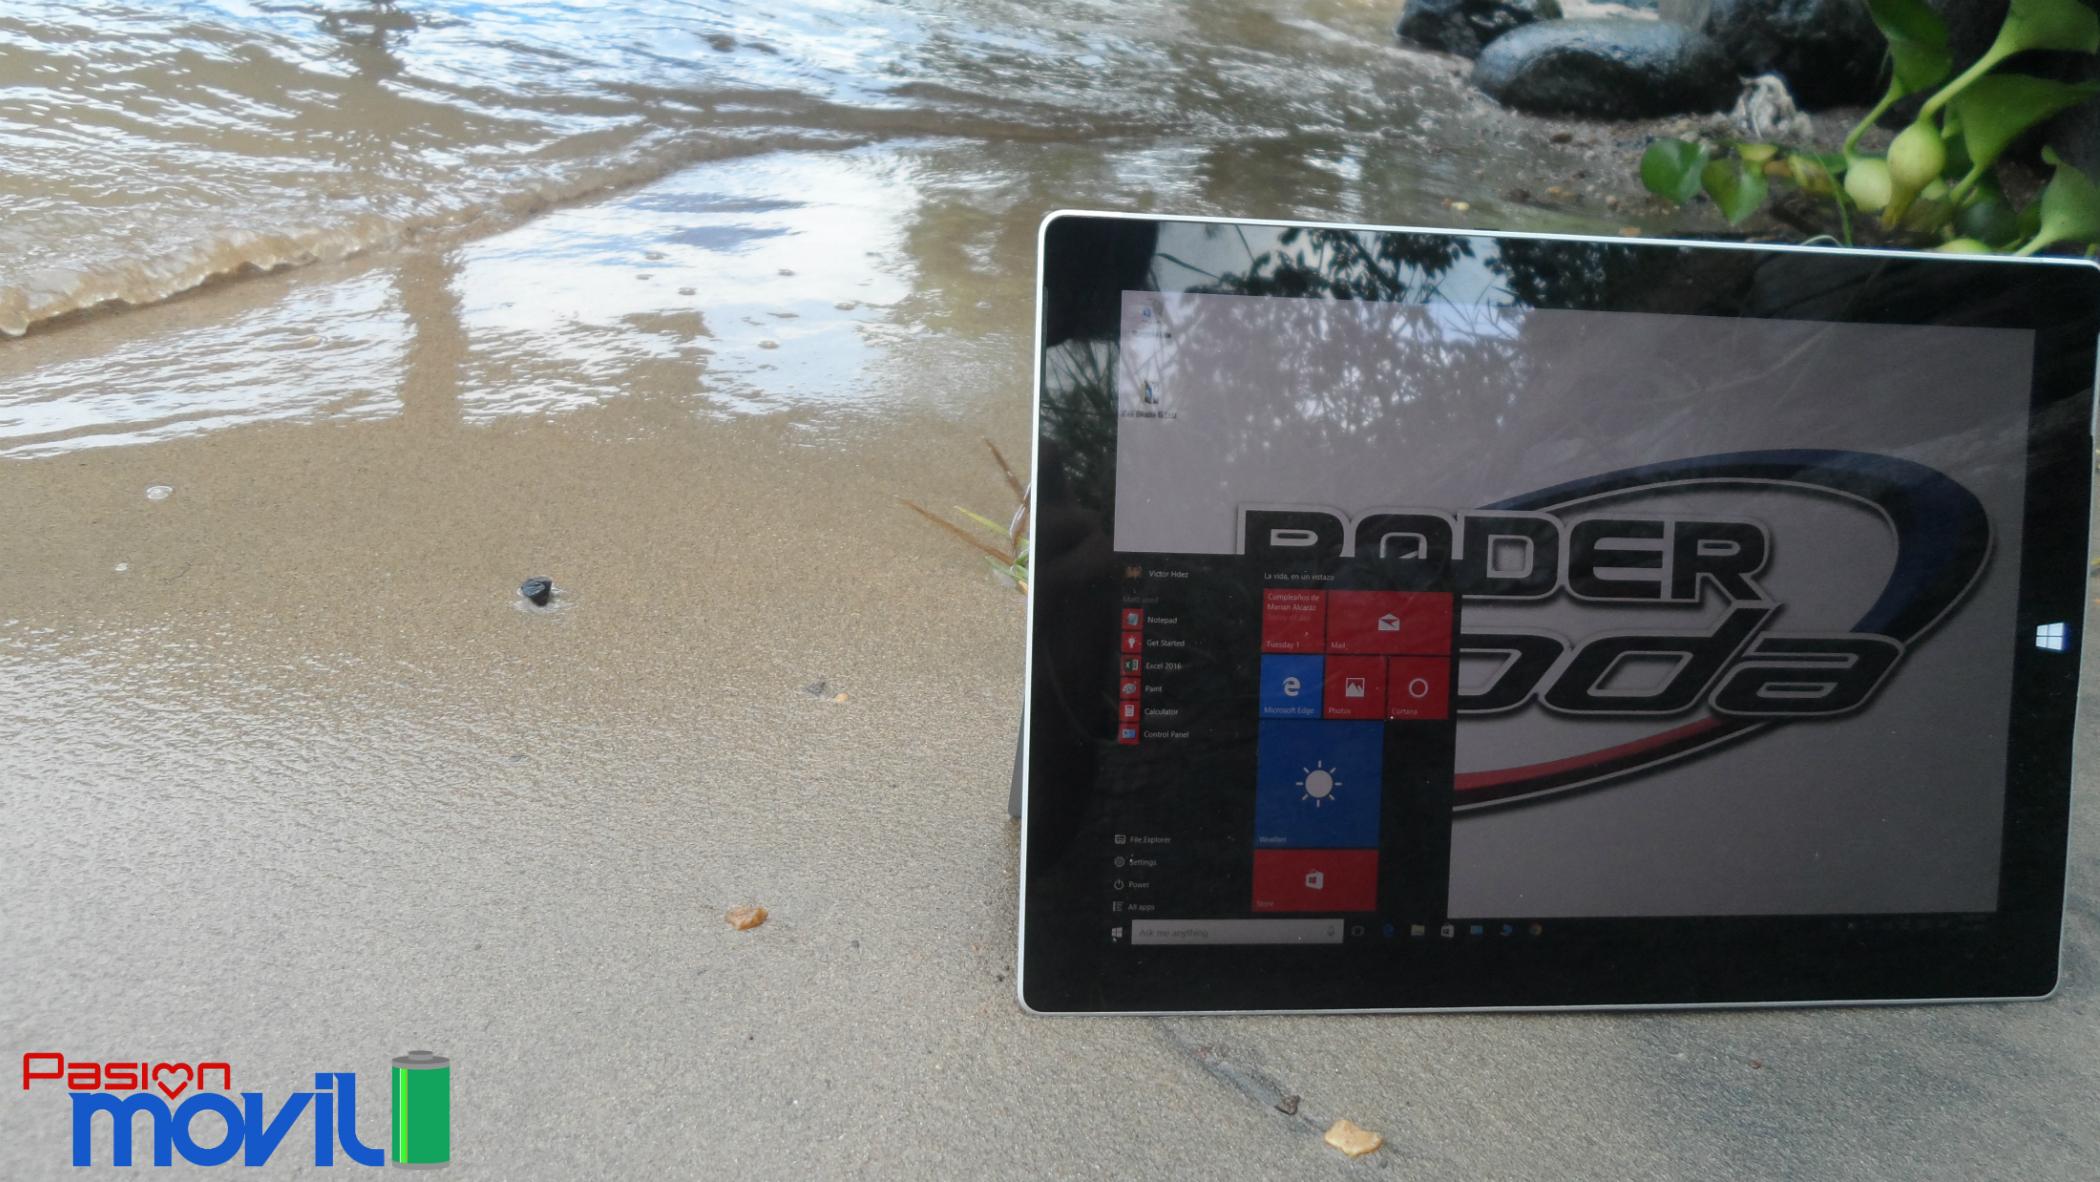 El desempeño resulta el talon de Aquiles de la Surface 3 con 2 GB de RAM